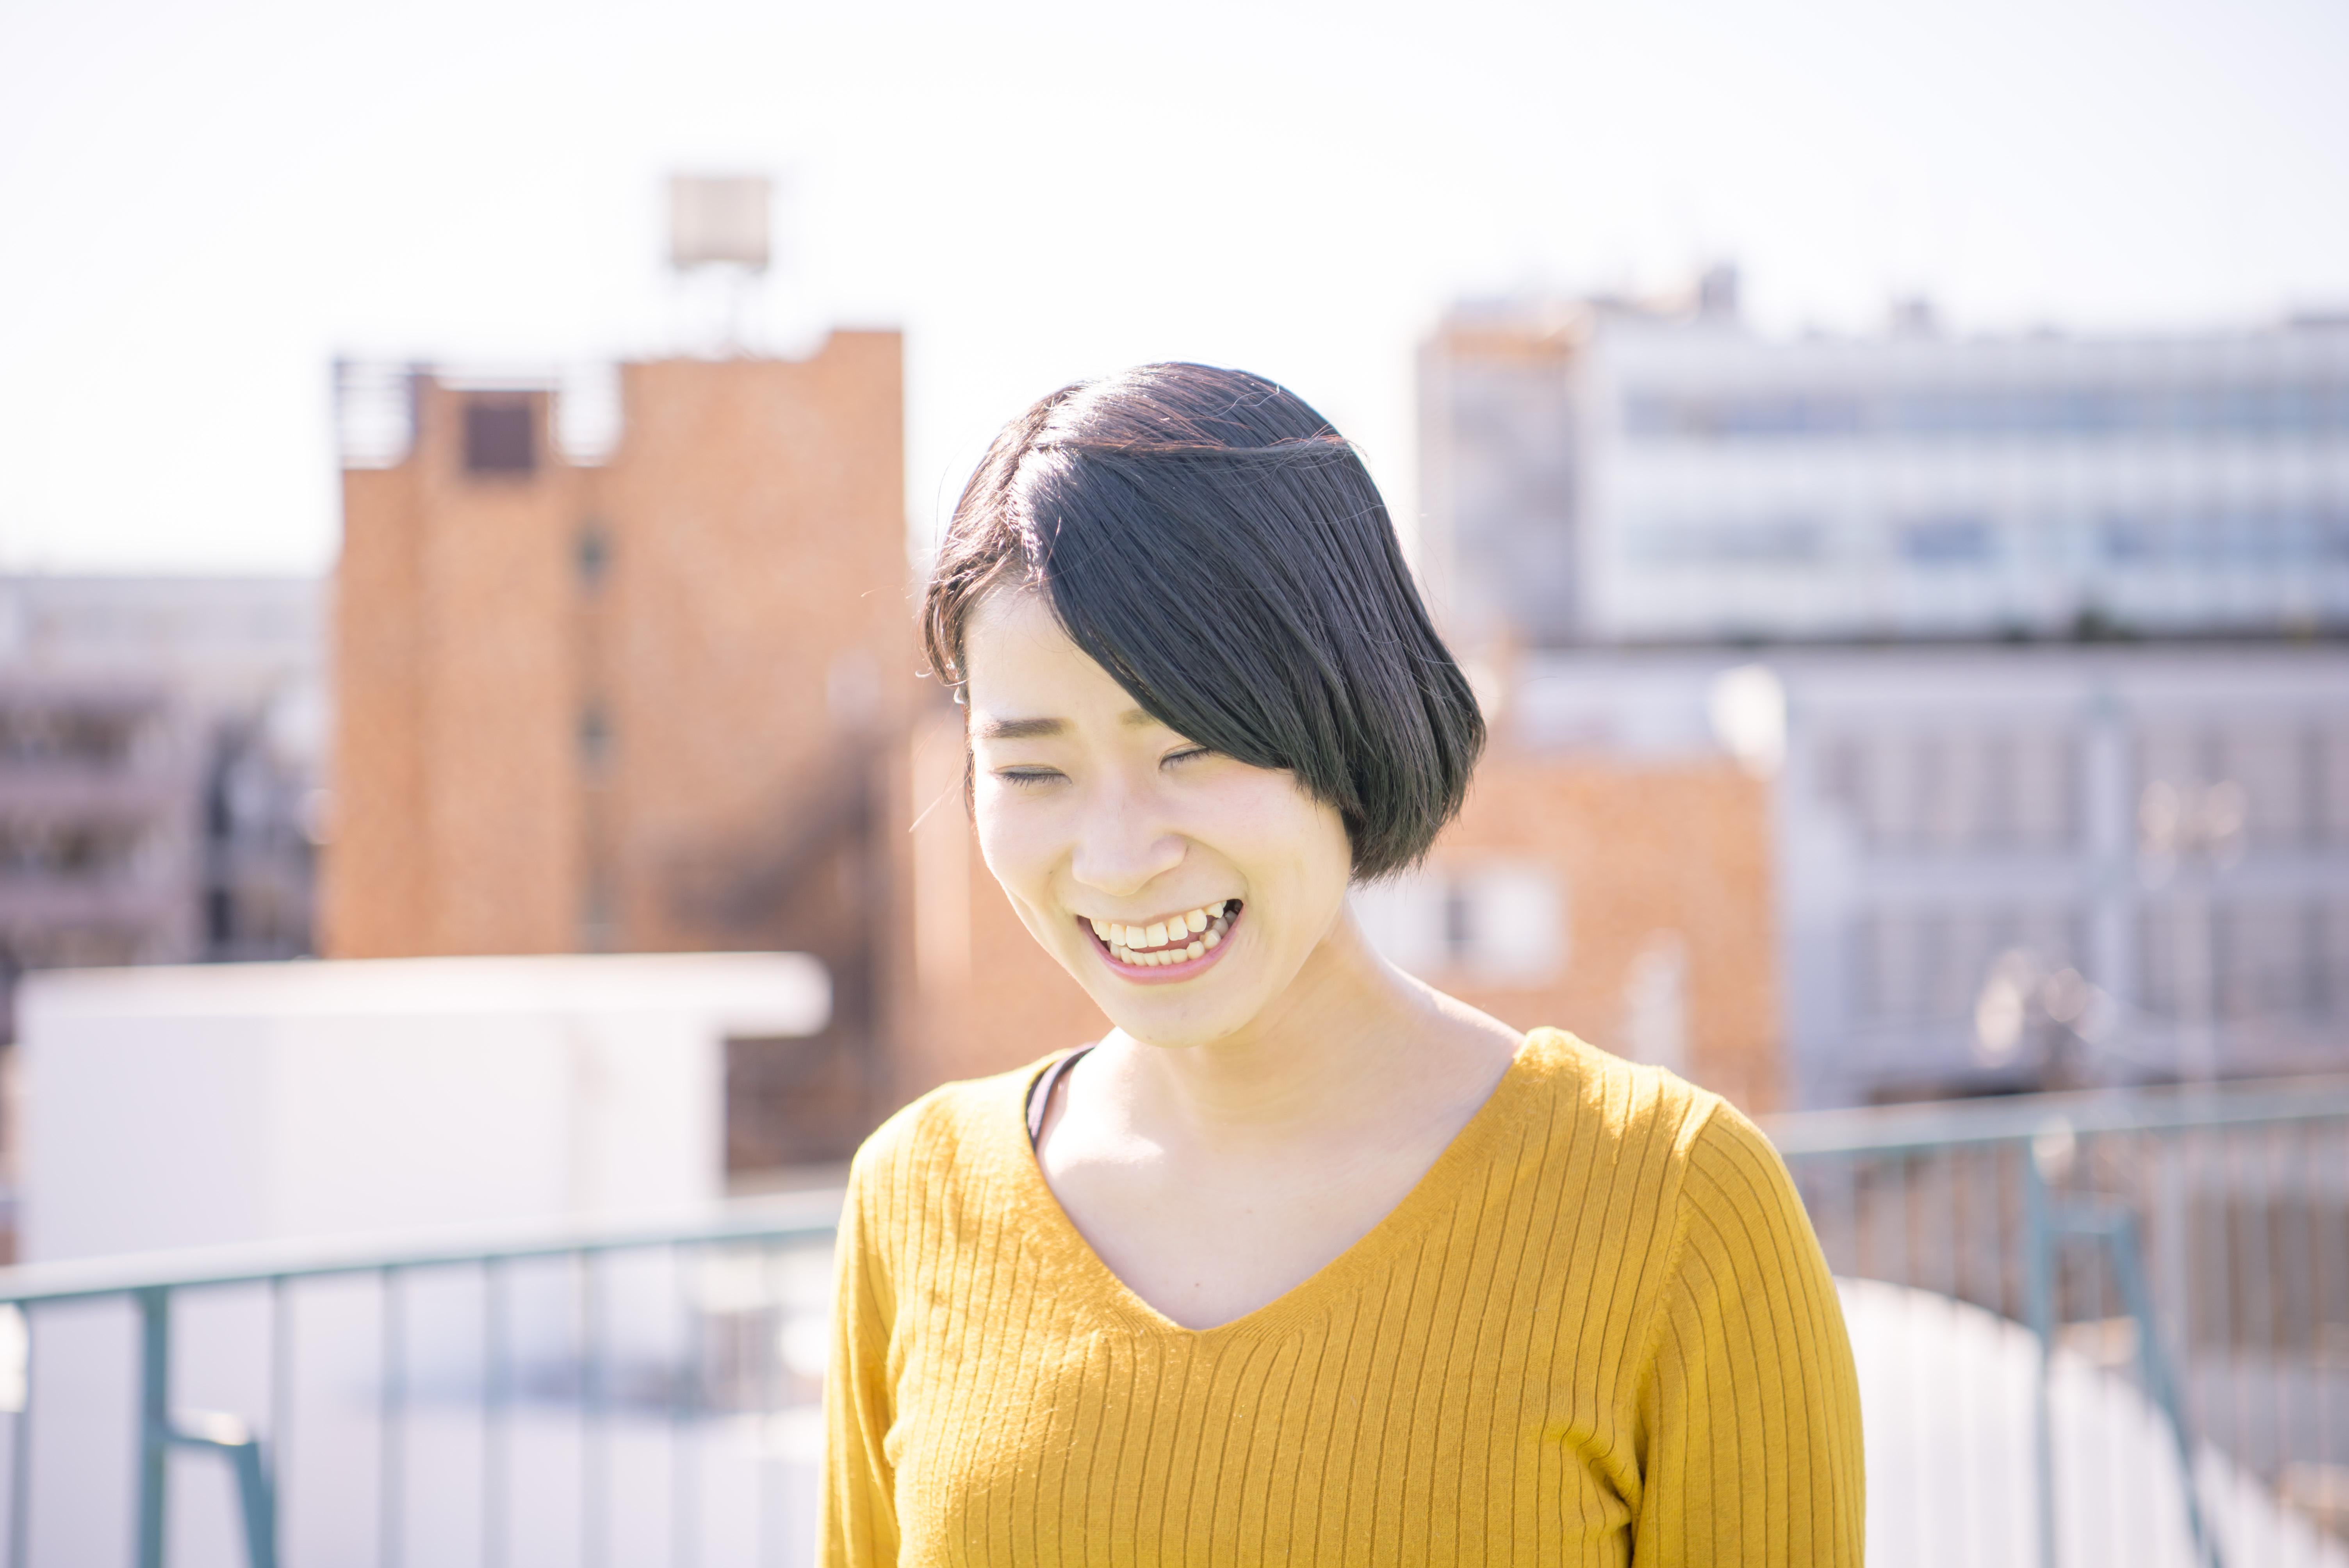 【写真】溢れるような笑顔を見せるきくかわさん